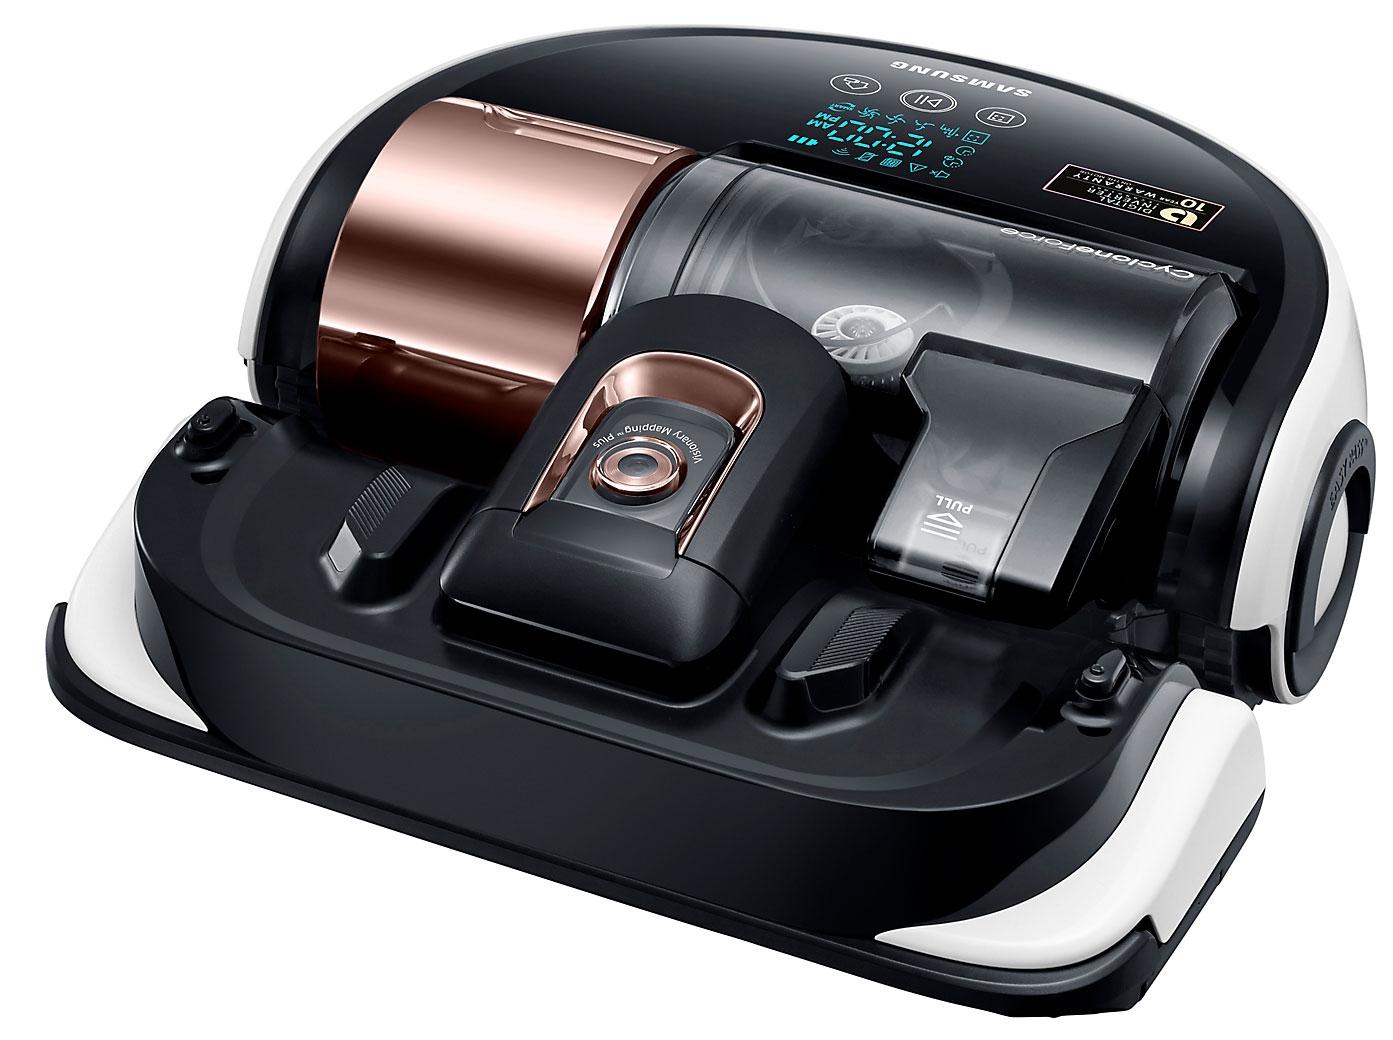 Samsung Powerbot R9250 Robot Vacuum Vr2aj9250ww